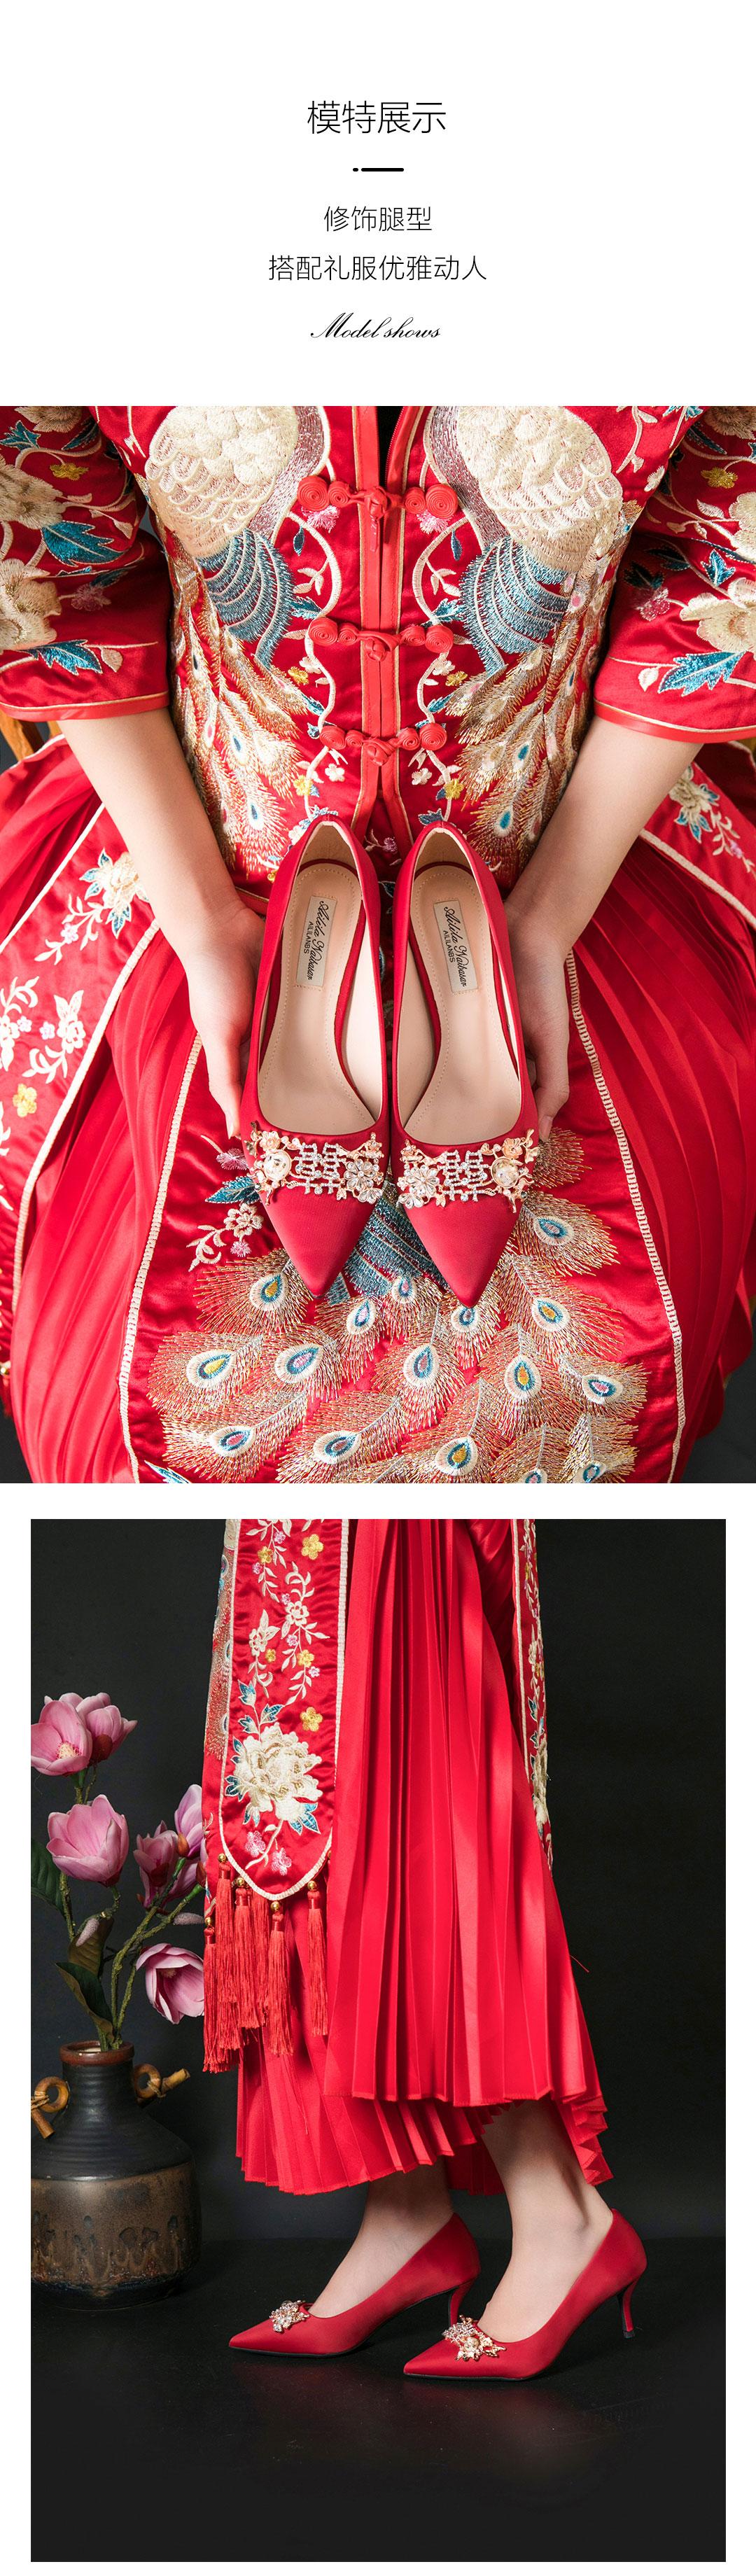 大喜之日中式捷克水钻绸缎真丝红色高跟鞋